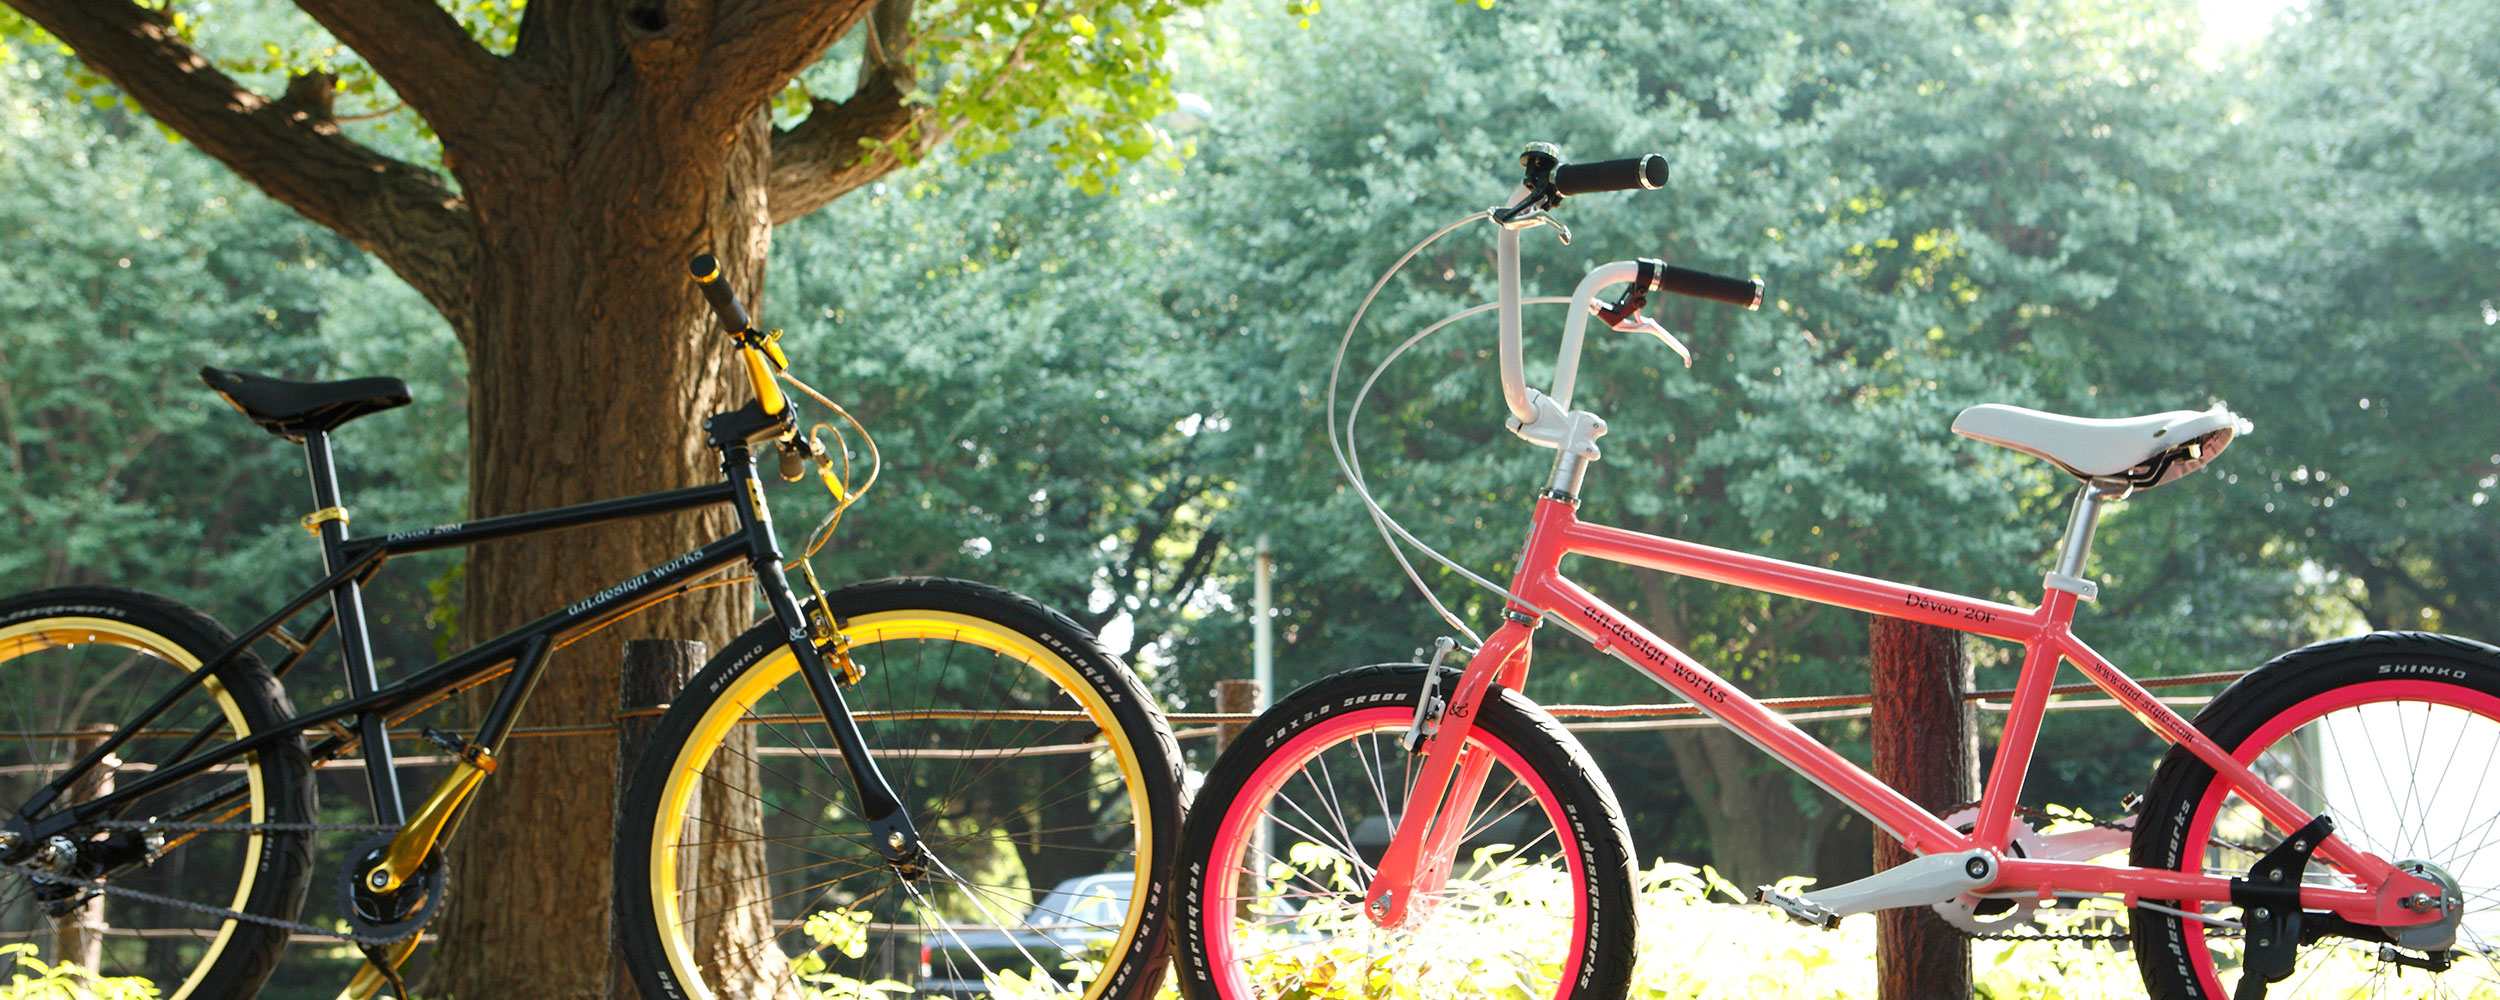 Caringbah カリンバ : ストリートデザインバイク